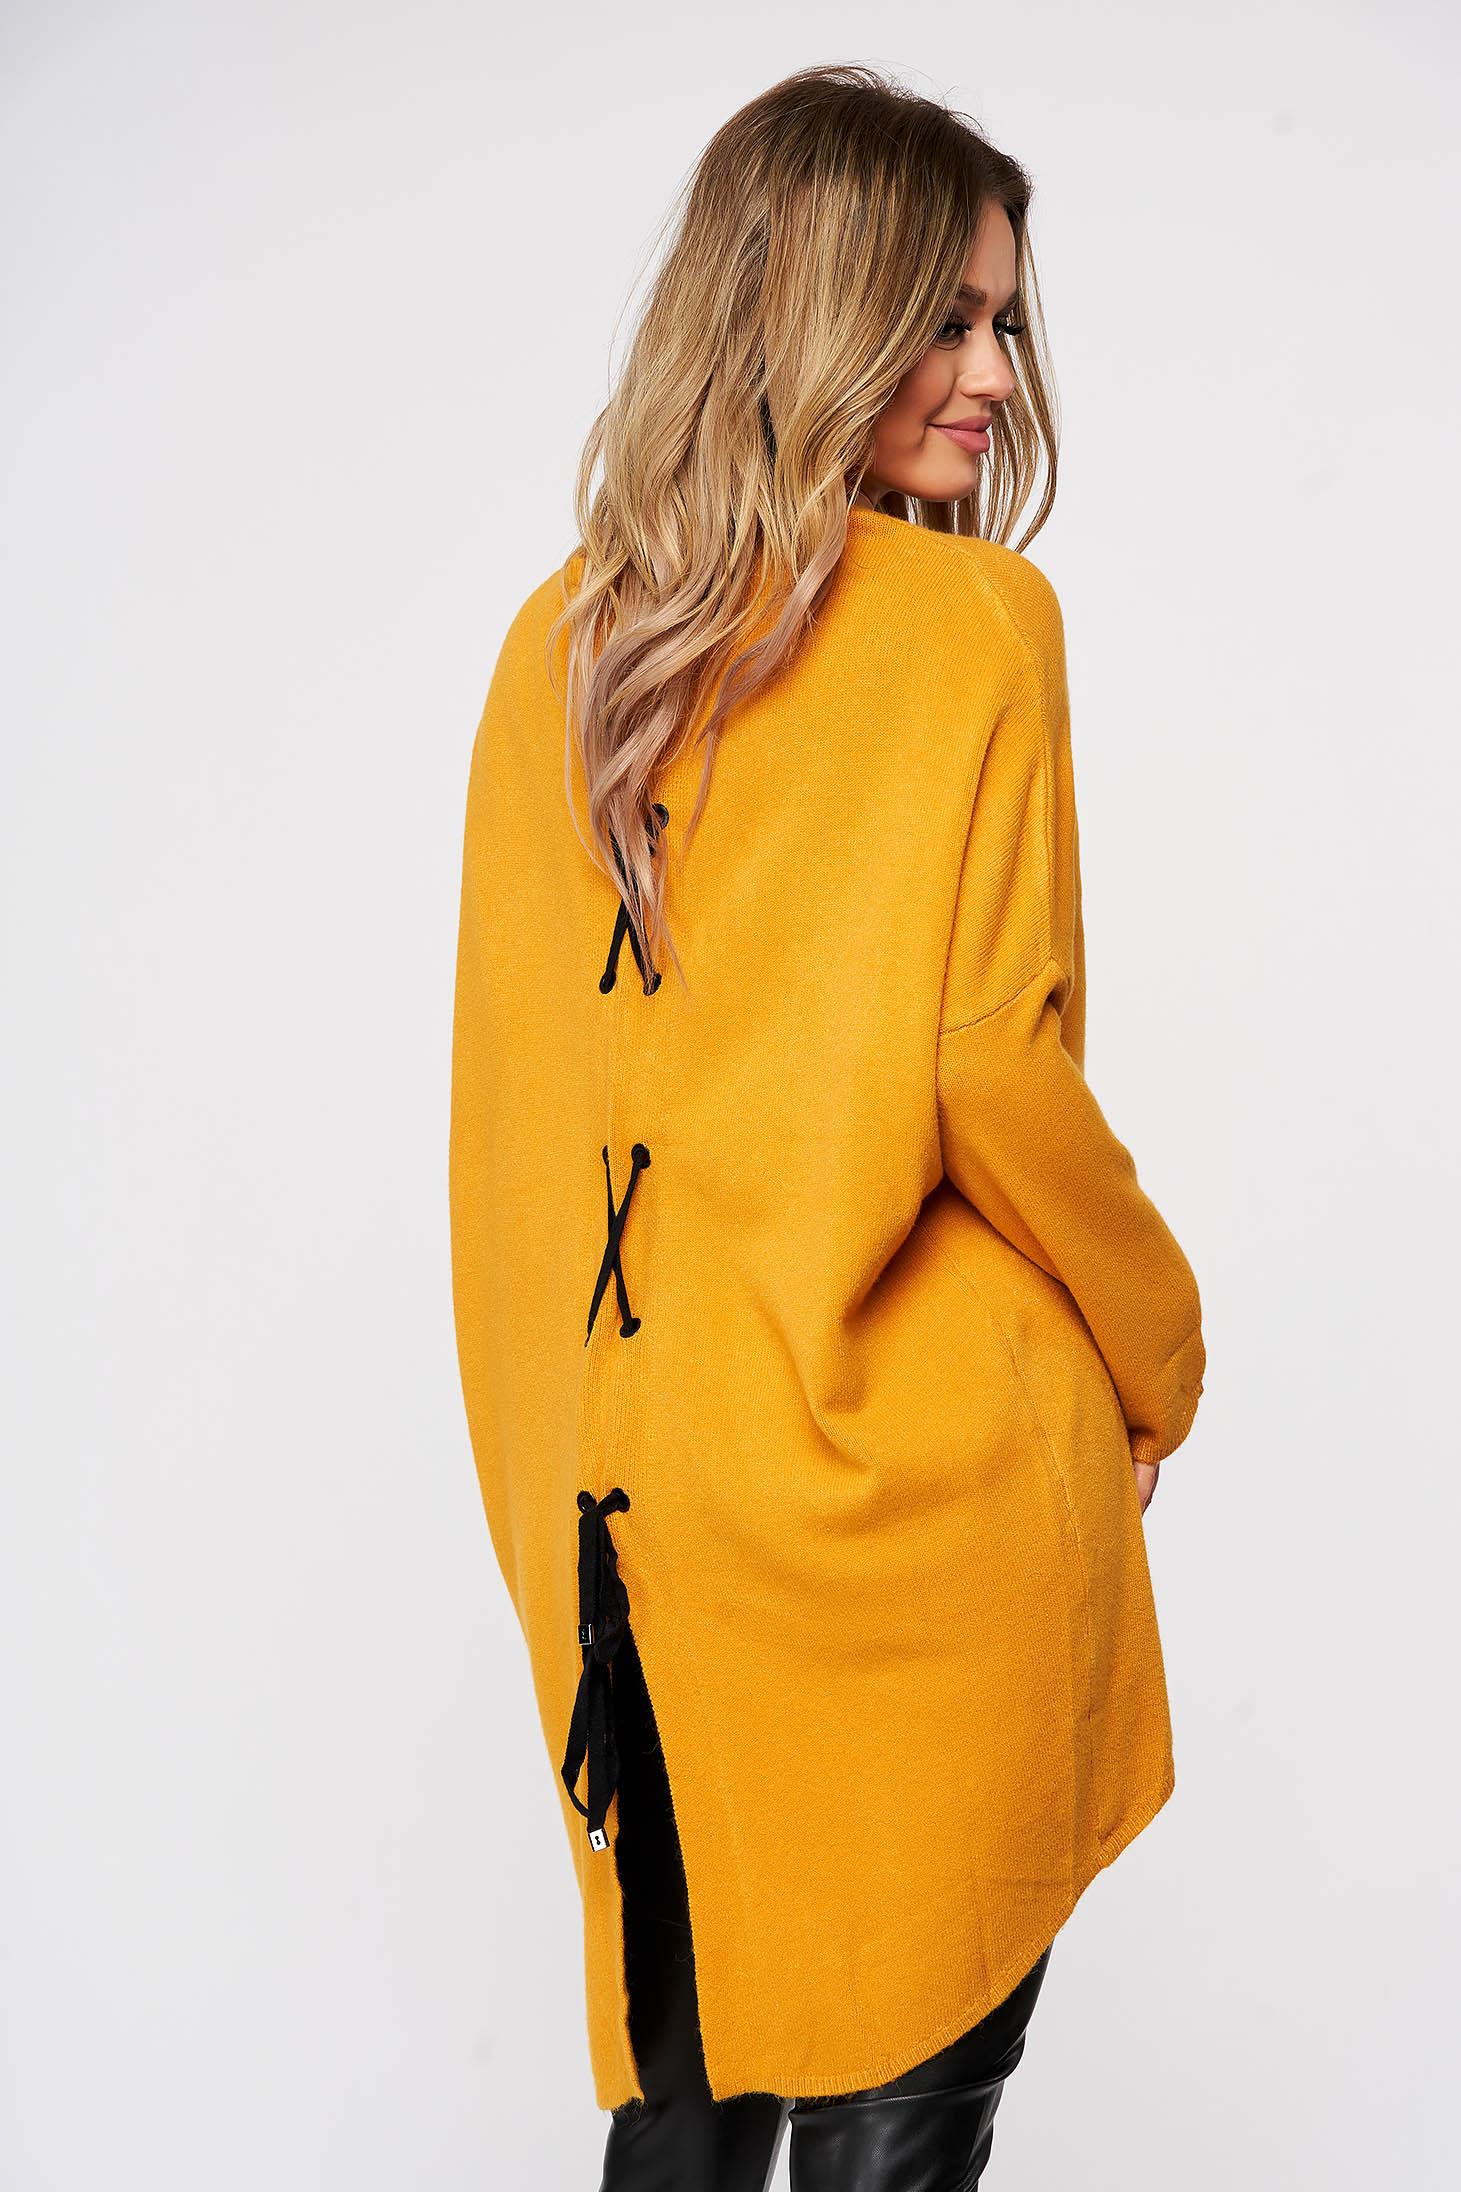 Mustársárga rugalmas és finom anyagból készült bő szabású hátul felsliccelt kötött női blúz zsinórral